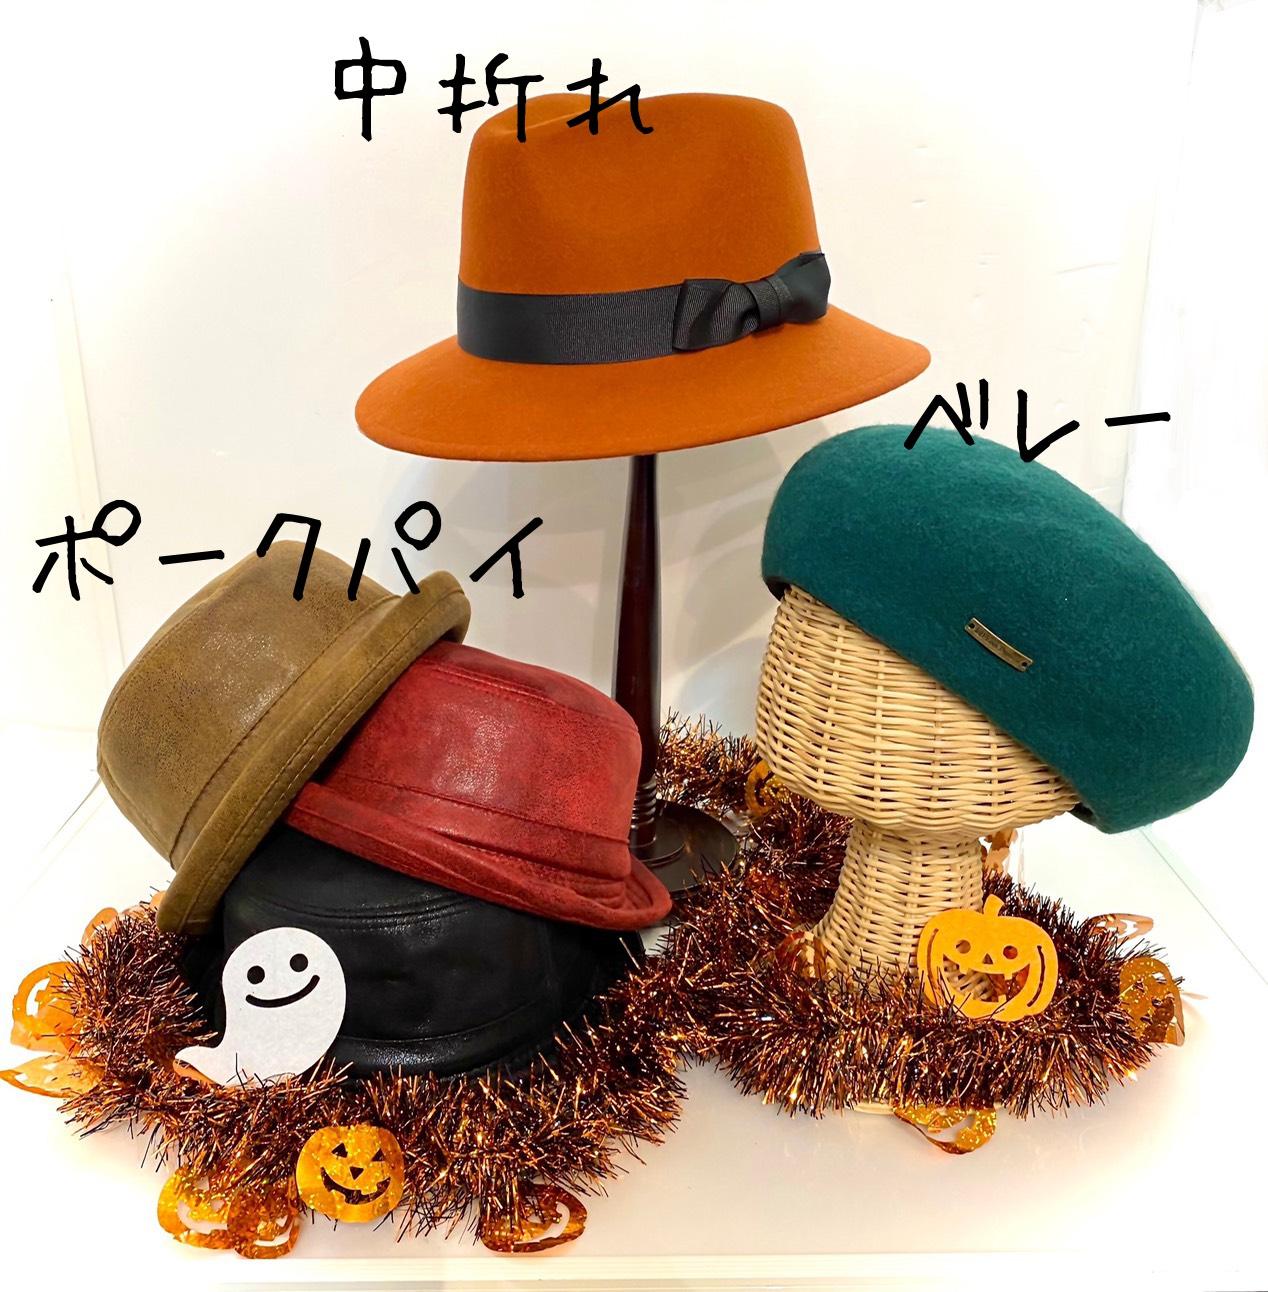 🎃今年のハロウィンはこれで決まり!👻